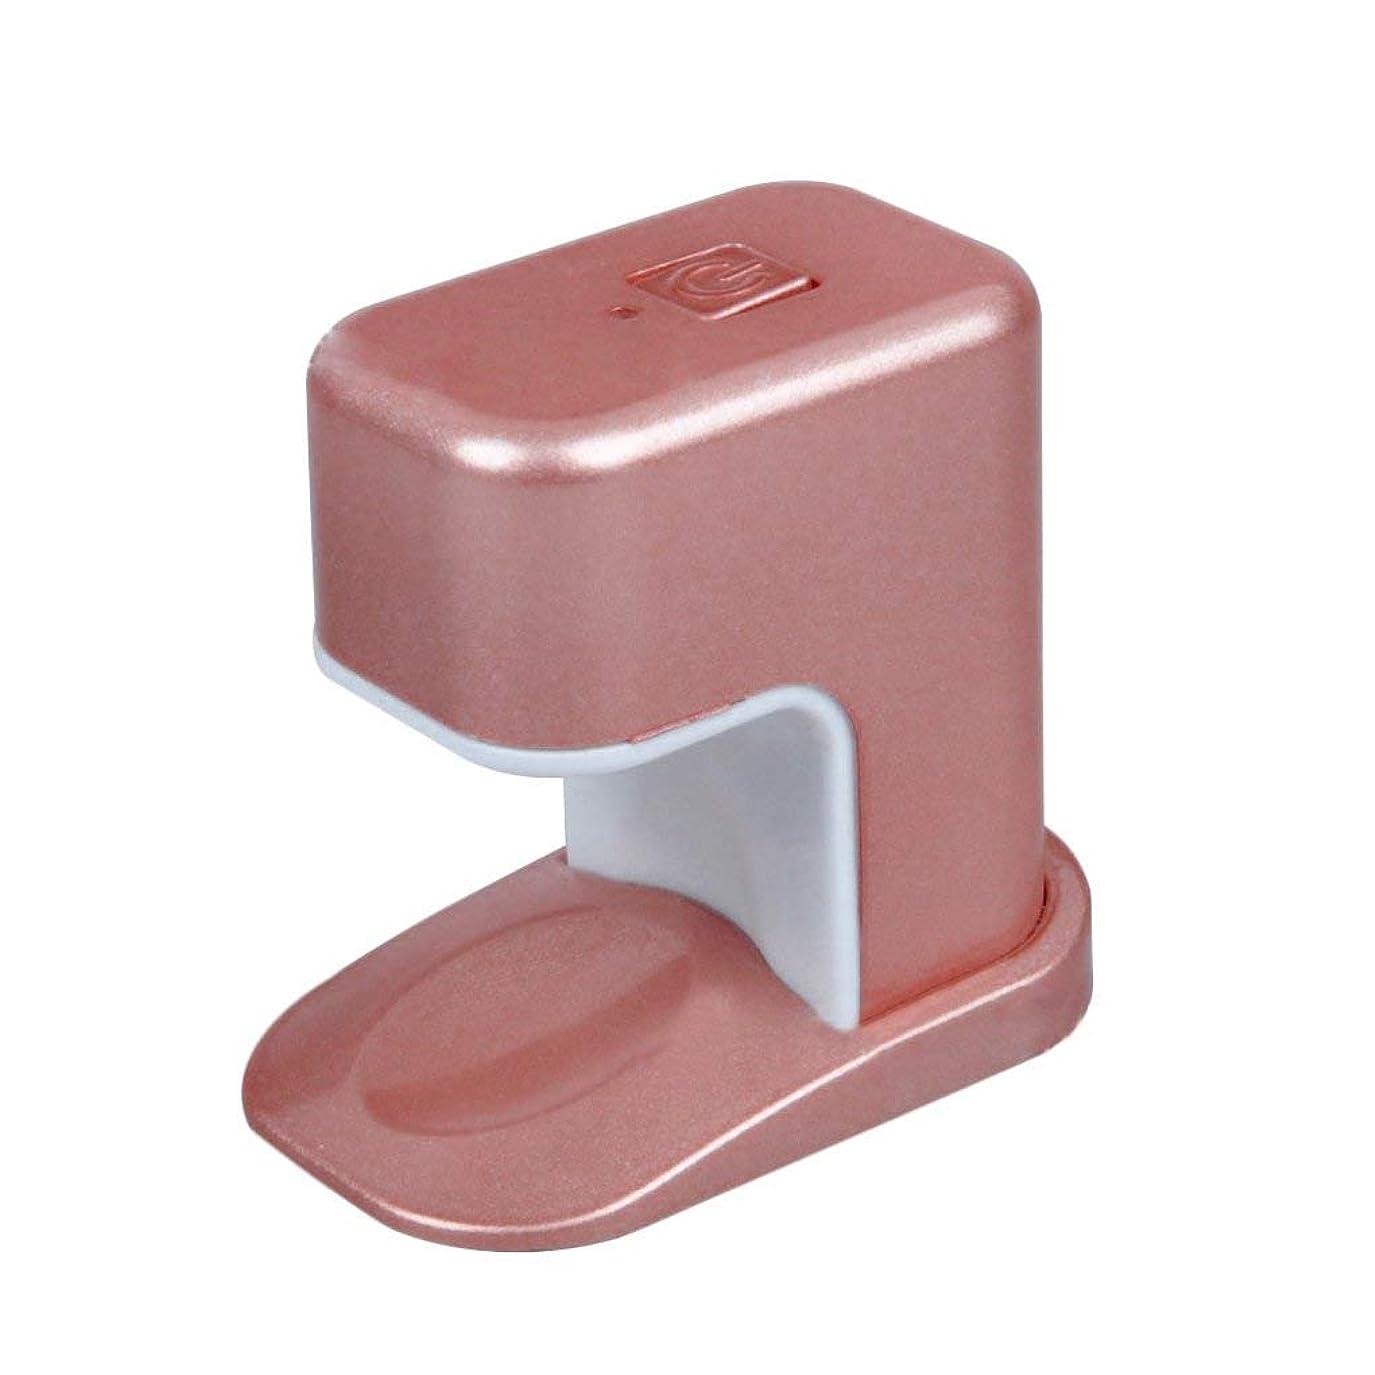 リングレットホール火傷Paick ネイルドライヤー 3W LED電球 USBケーブル UV マニキュアドライヤー ニポータブル単一指ネイルアートのLED 3色選べ - ピンク